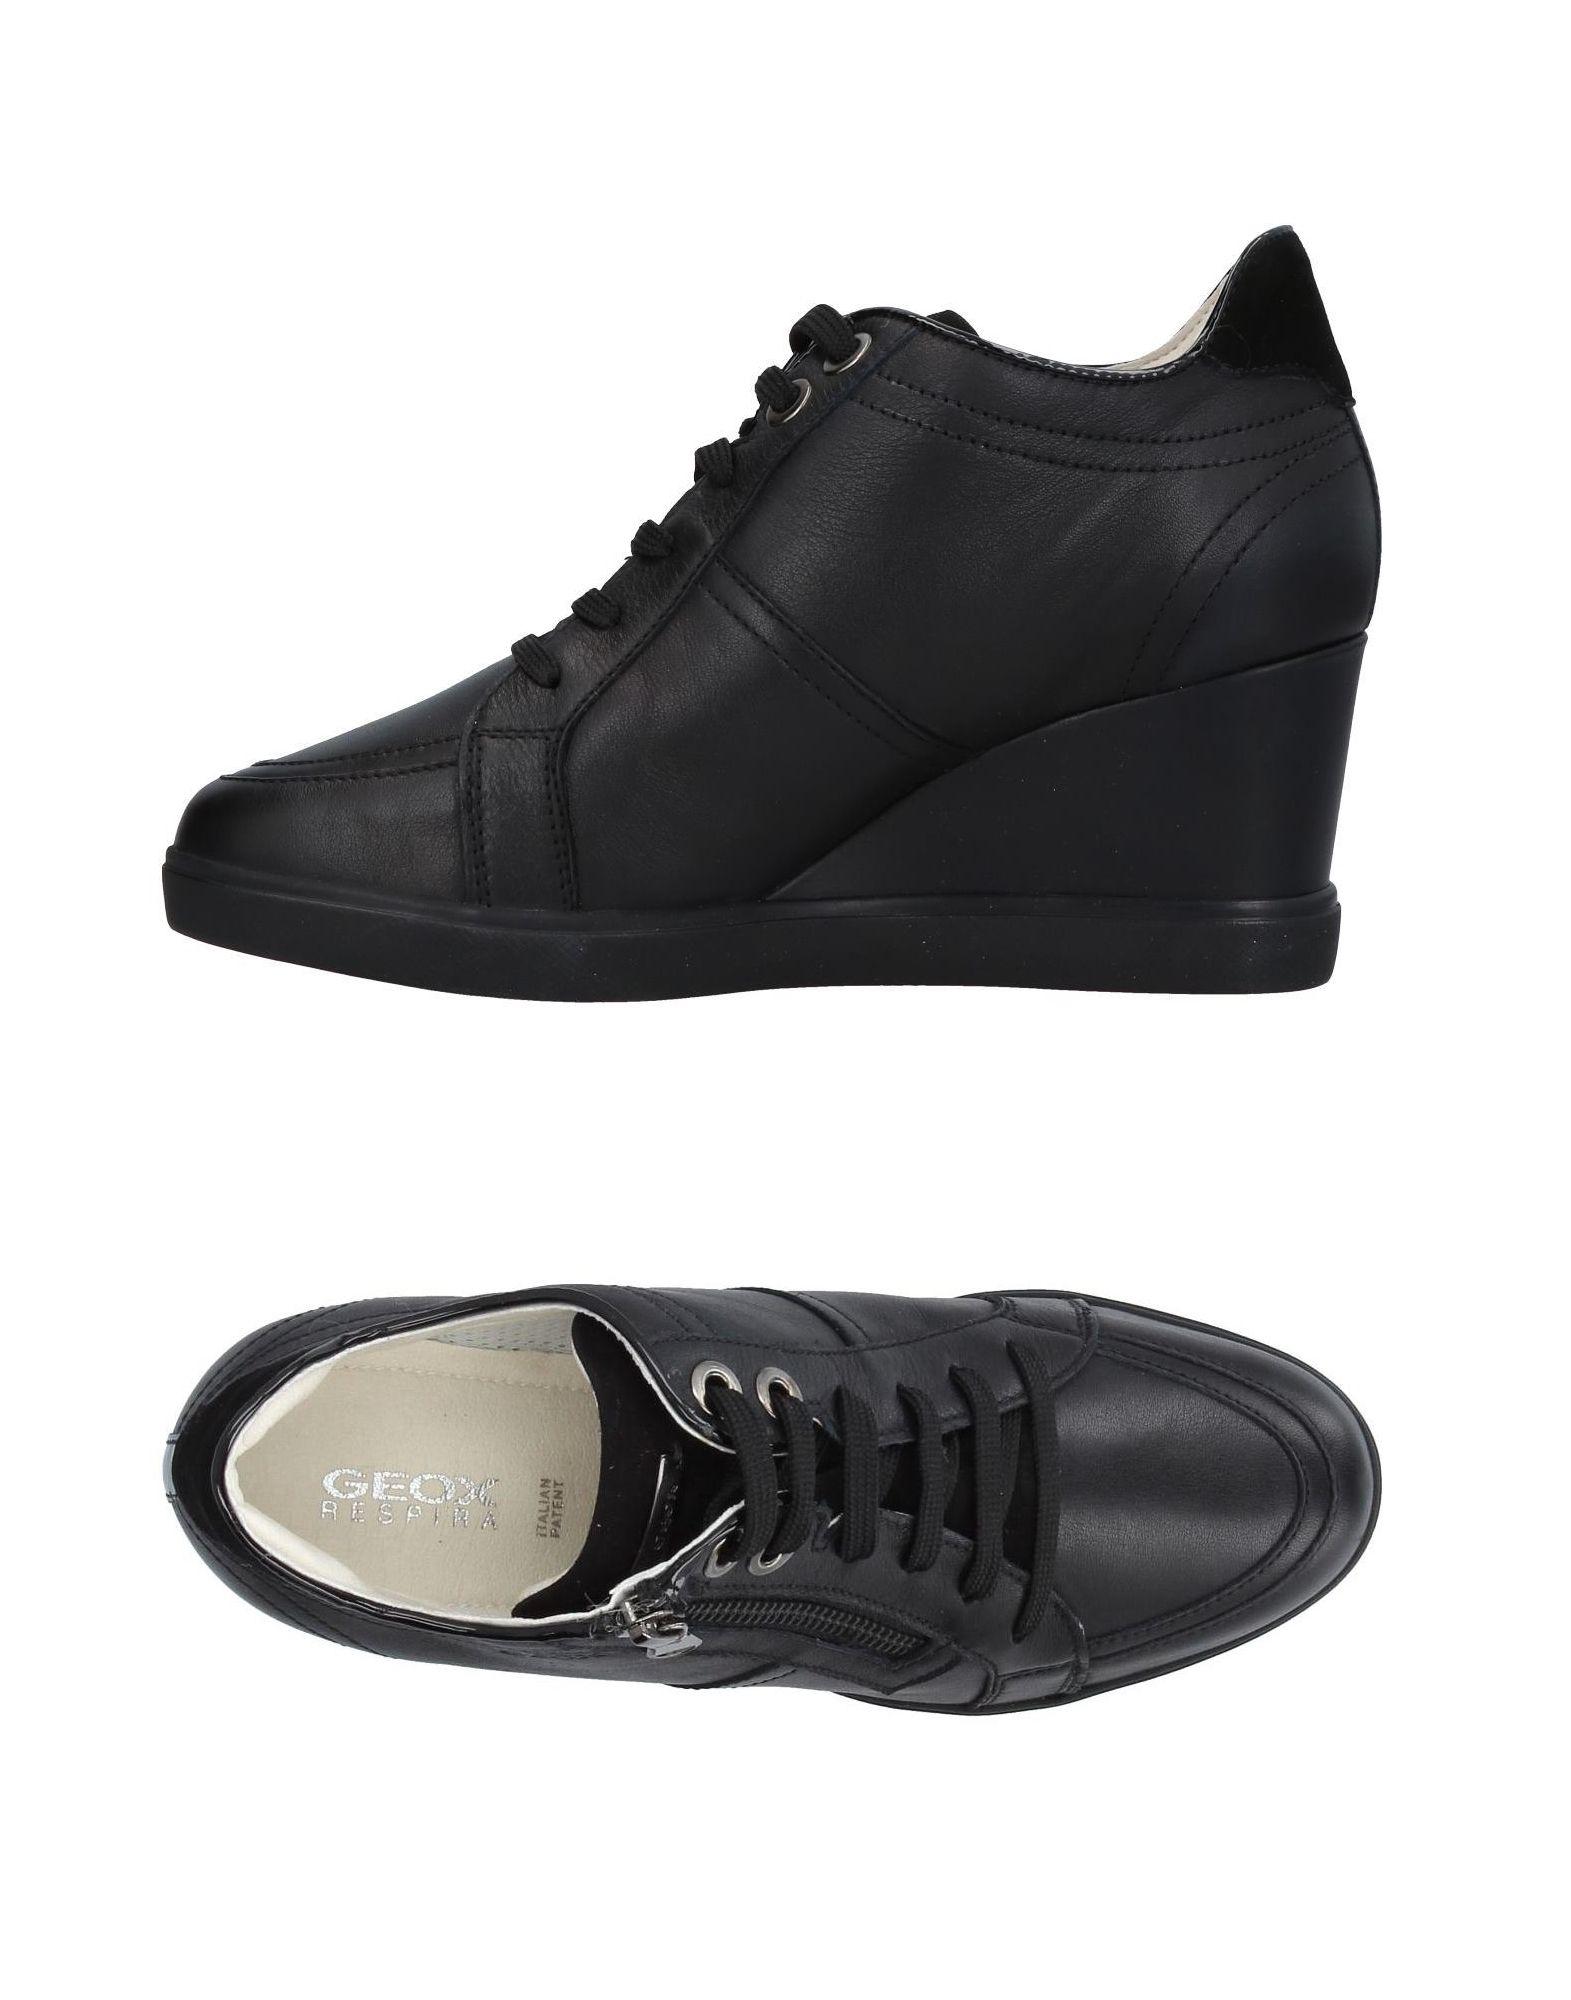 Sneakers Geox Donna - 11392420AV Scarpe economiche e buone